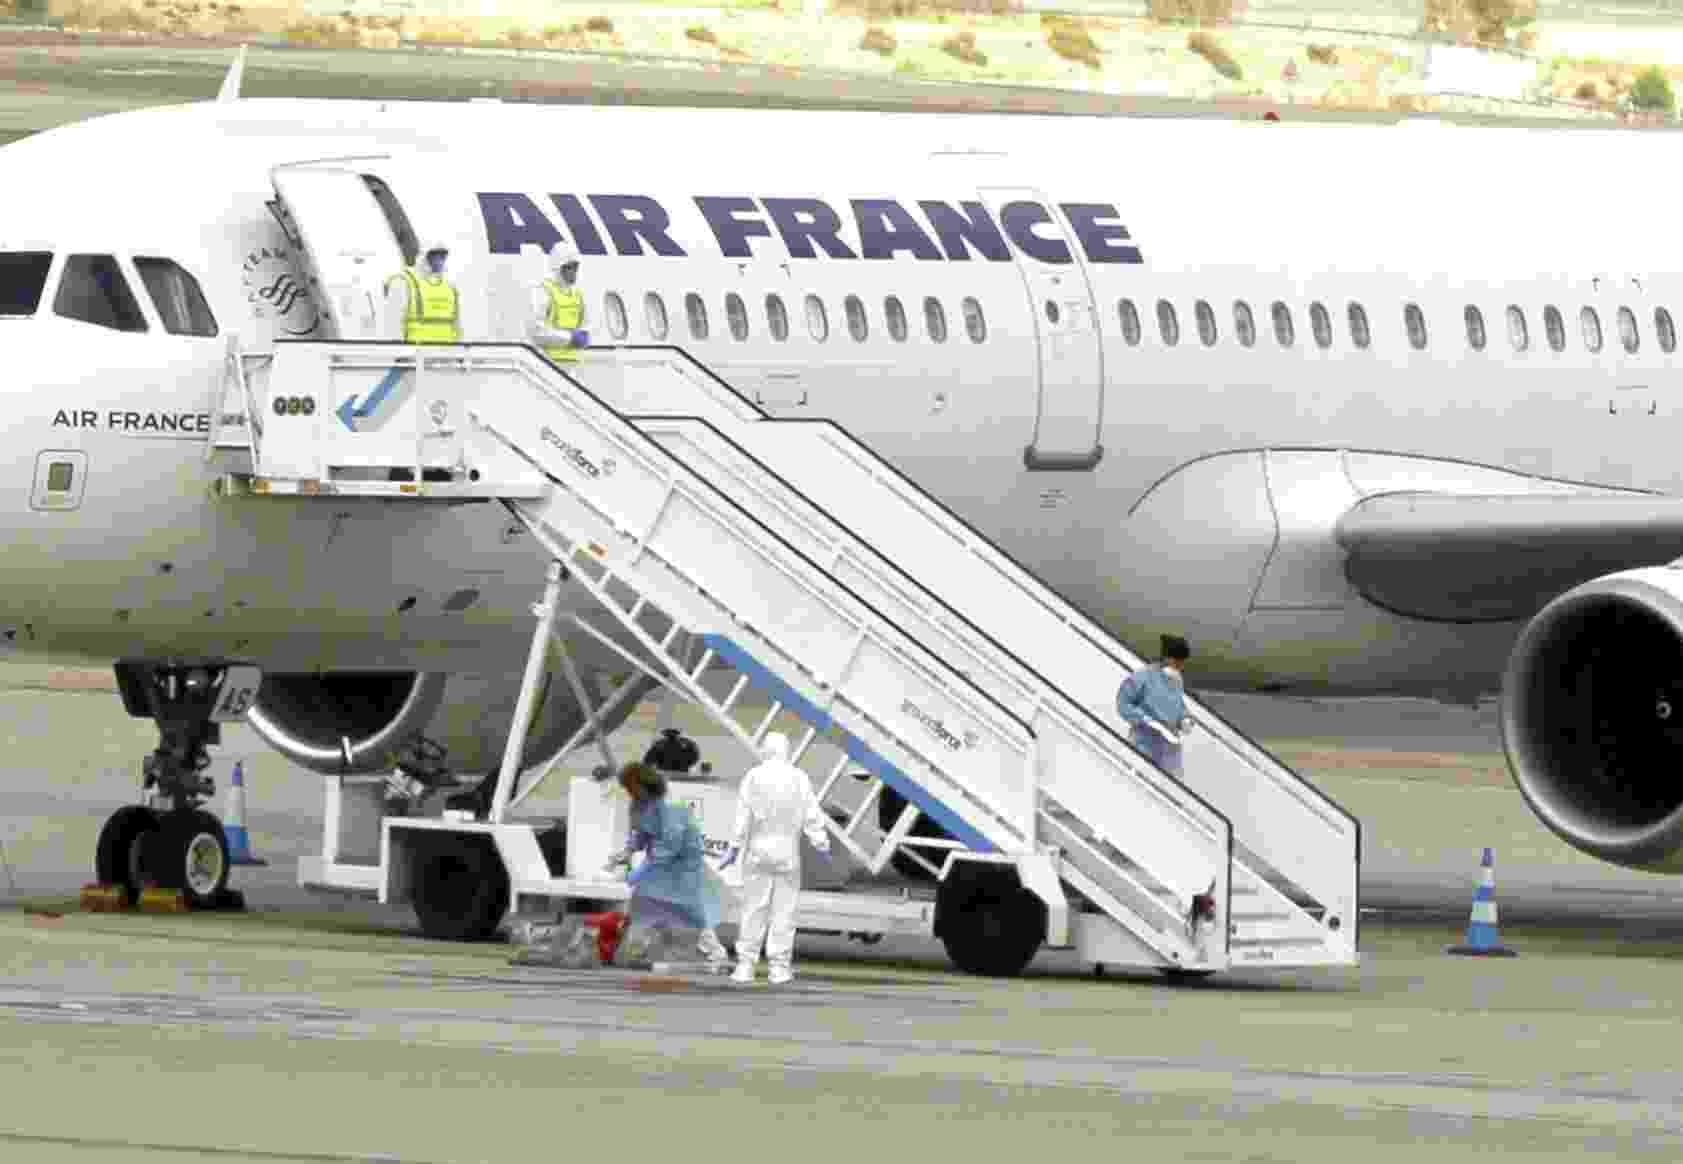 16.out.2014 - O aeroporto internacional de Barajas, em Madri, ativou nesta quinta-feira um protocolo de emergência devido a um caso suspeito de ebola relacionado a uma pessoa em um voo da Air France - Paco Campos/ Efe